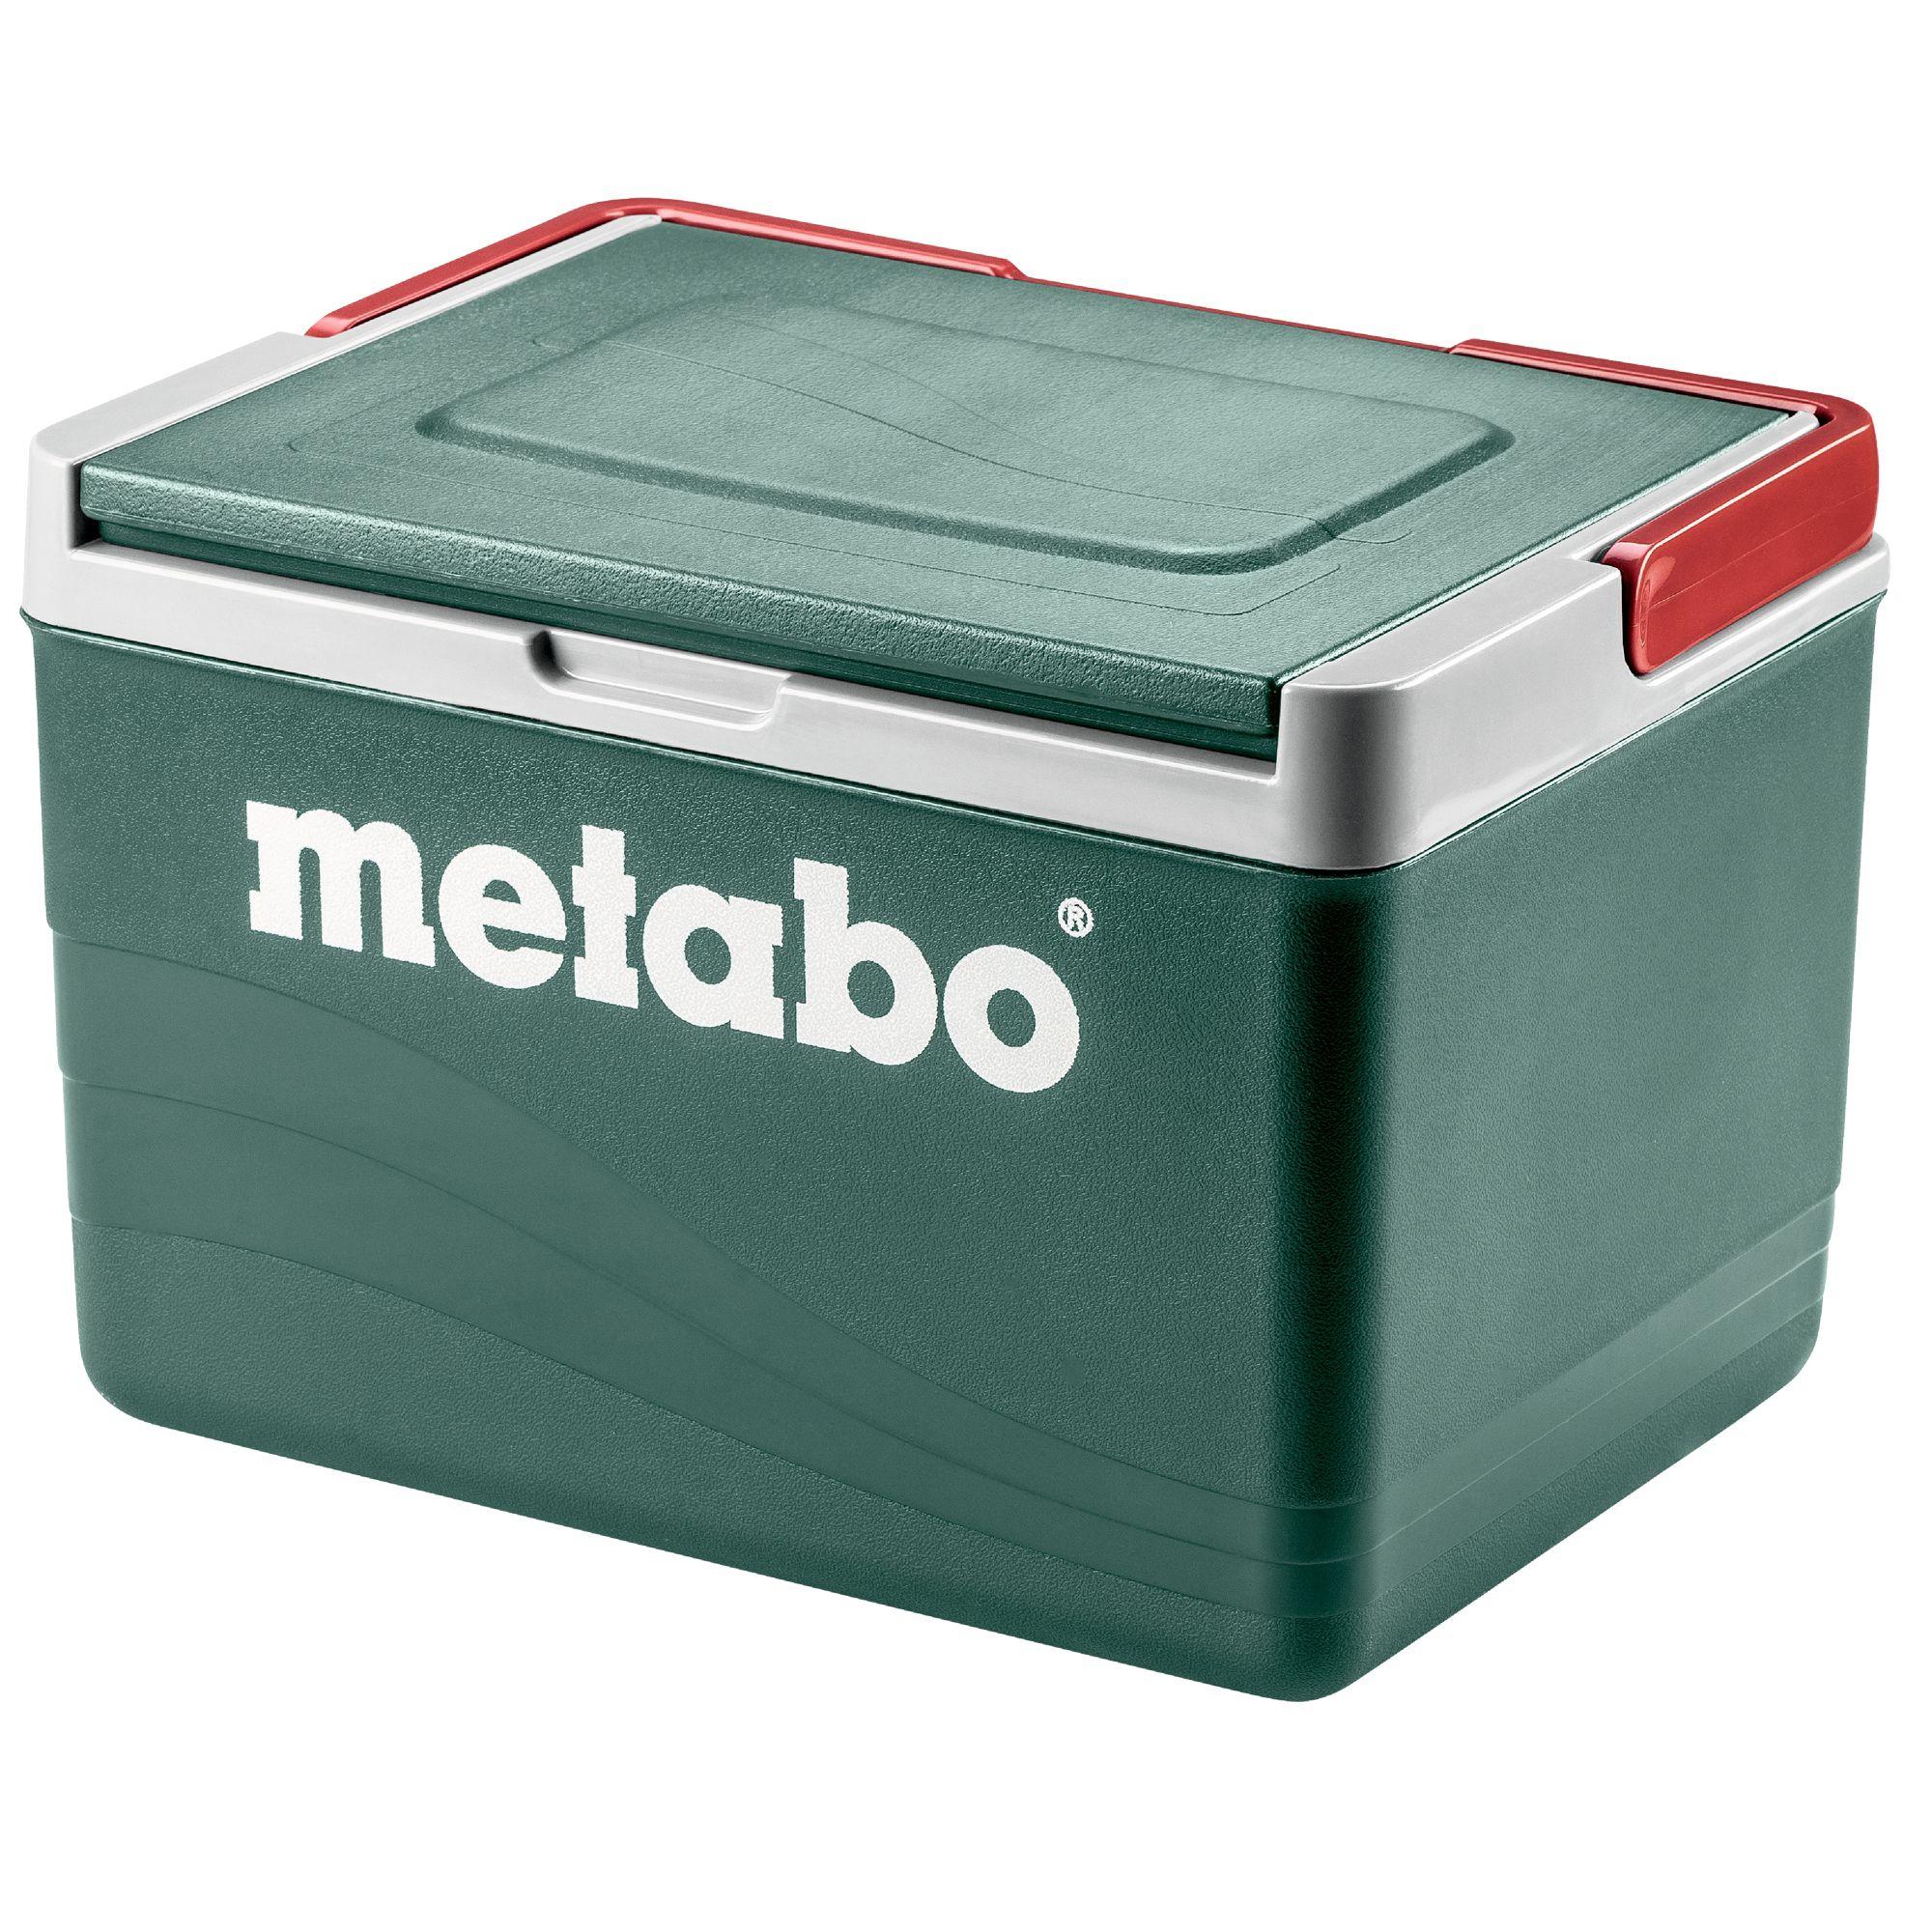 Metabo Kühlbox mit 11 l Volumen, Abmessungen ca. 34 x 25 x 24 cm, 1,7 kg [gotools.de]